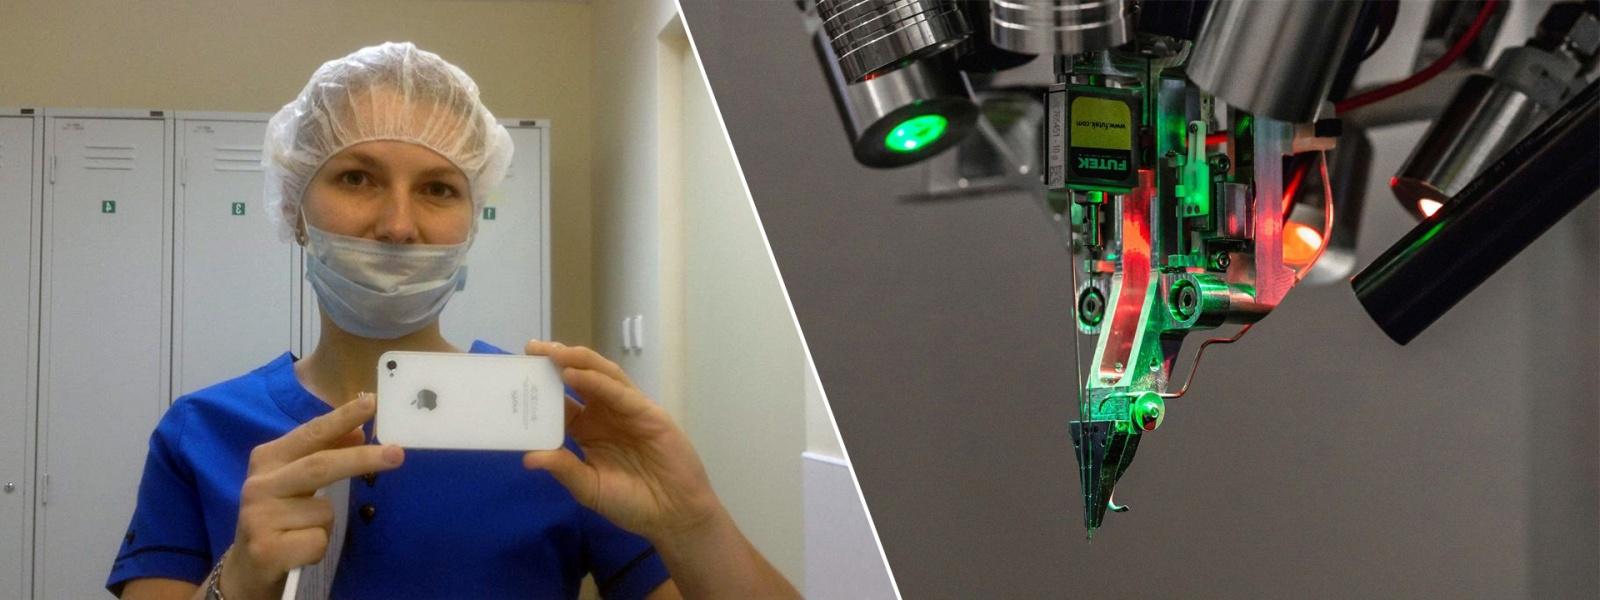 Нейрофизиолог рассуждает о проекте Neuralink и рассказывает о работе мозга «на пальцах» - 1